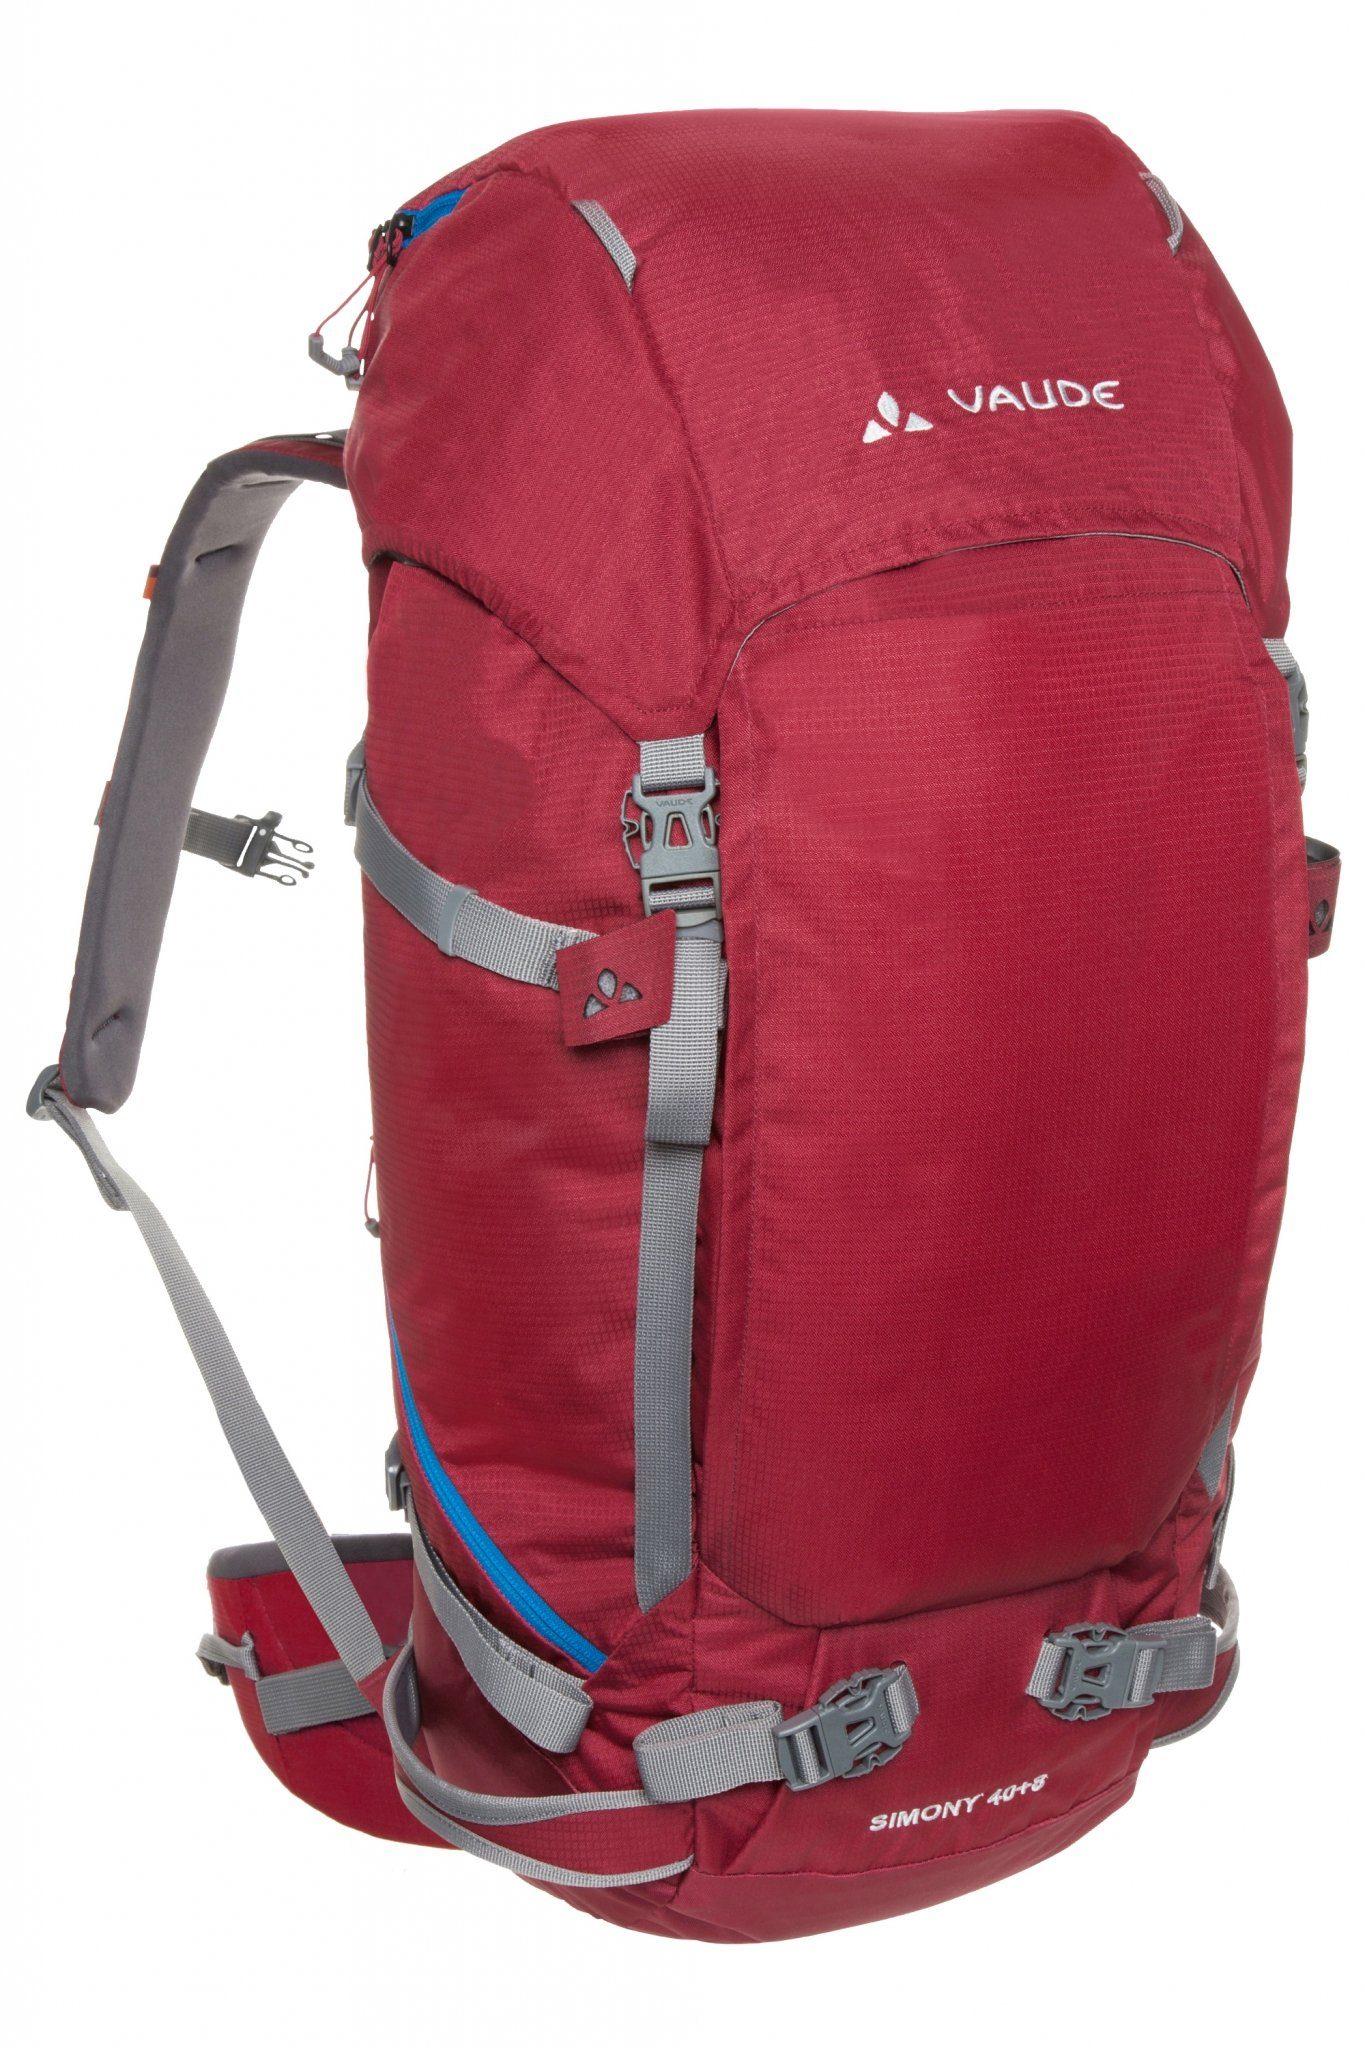 VAUDE Sport- und Freizeittasche »Simony 30+8 Backpack«